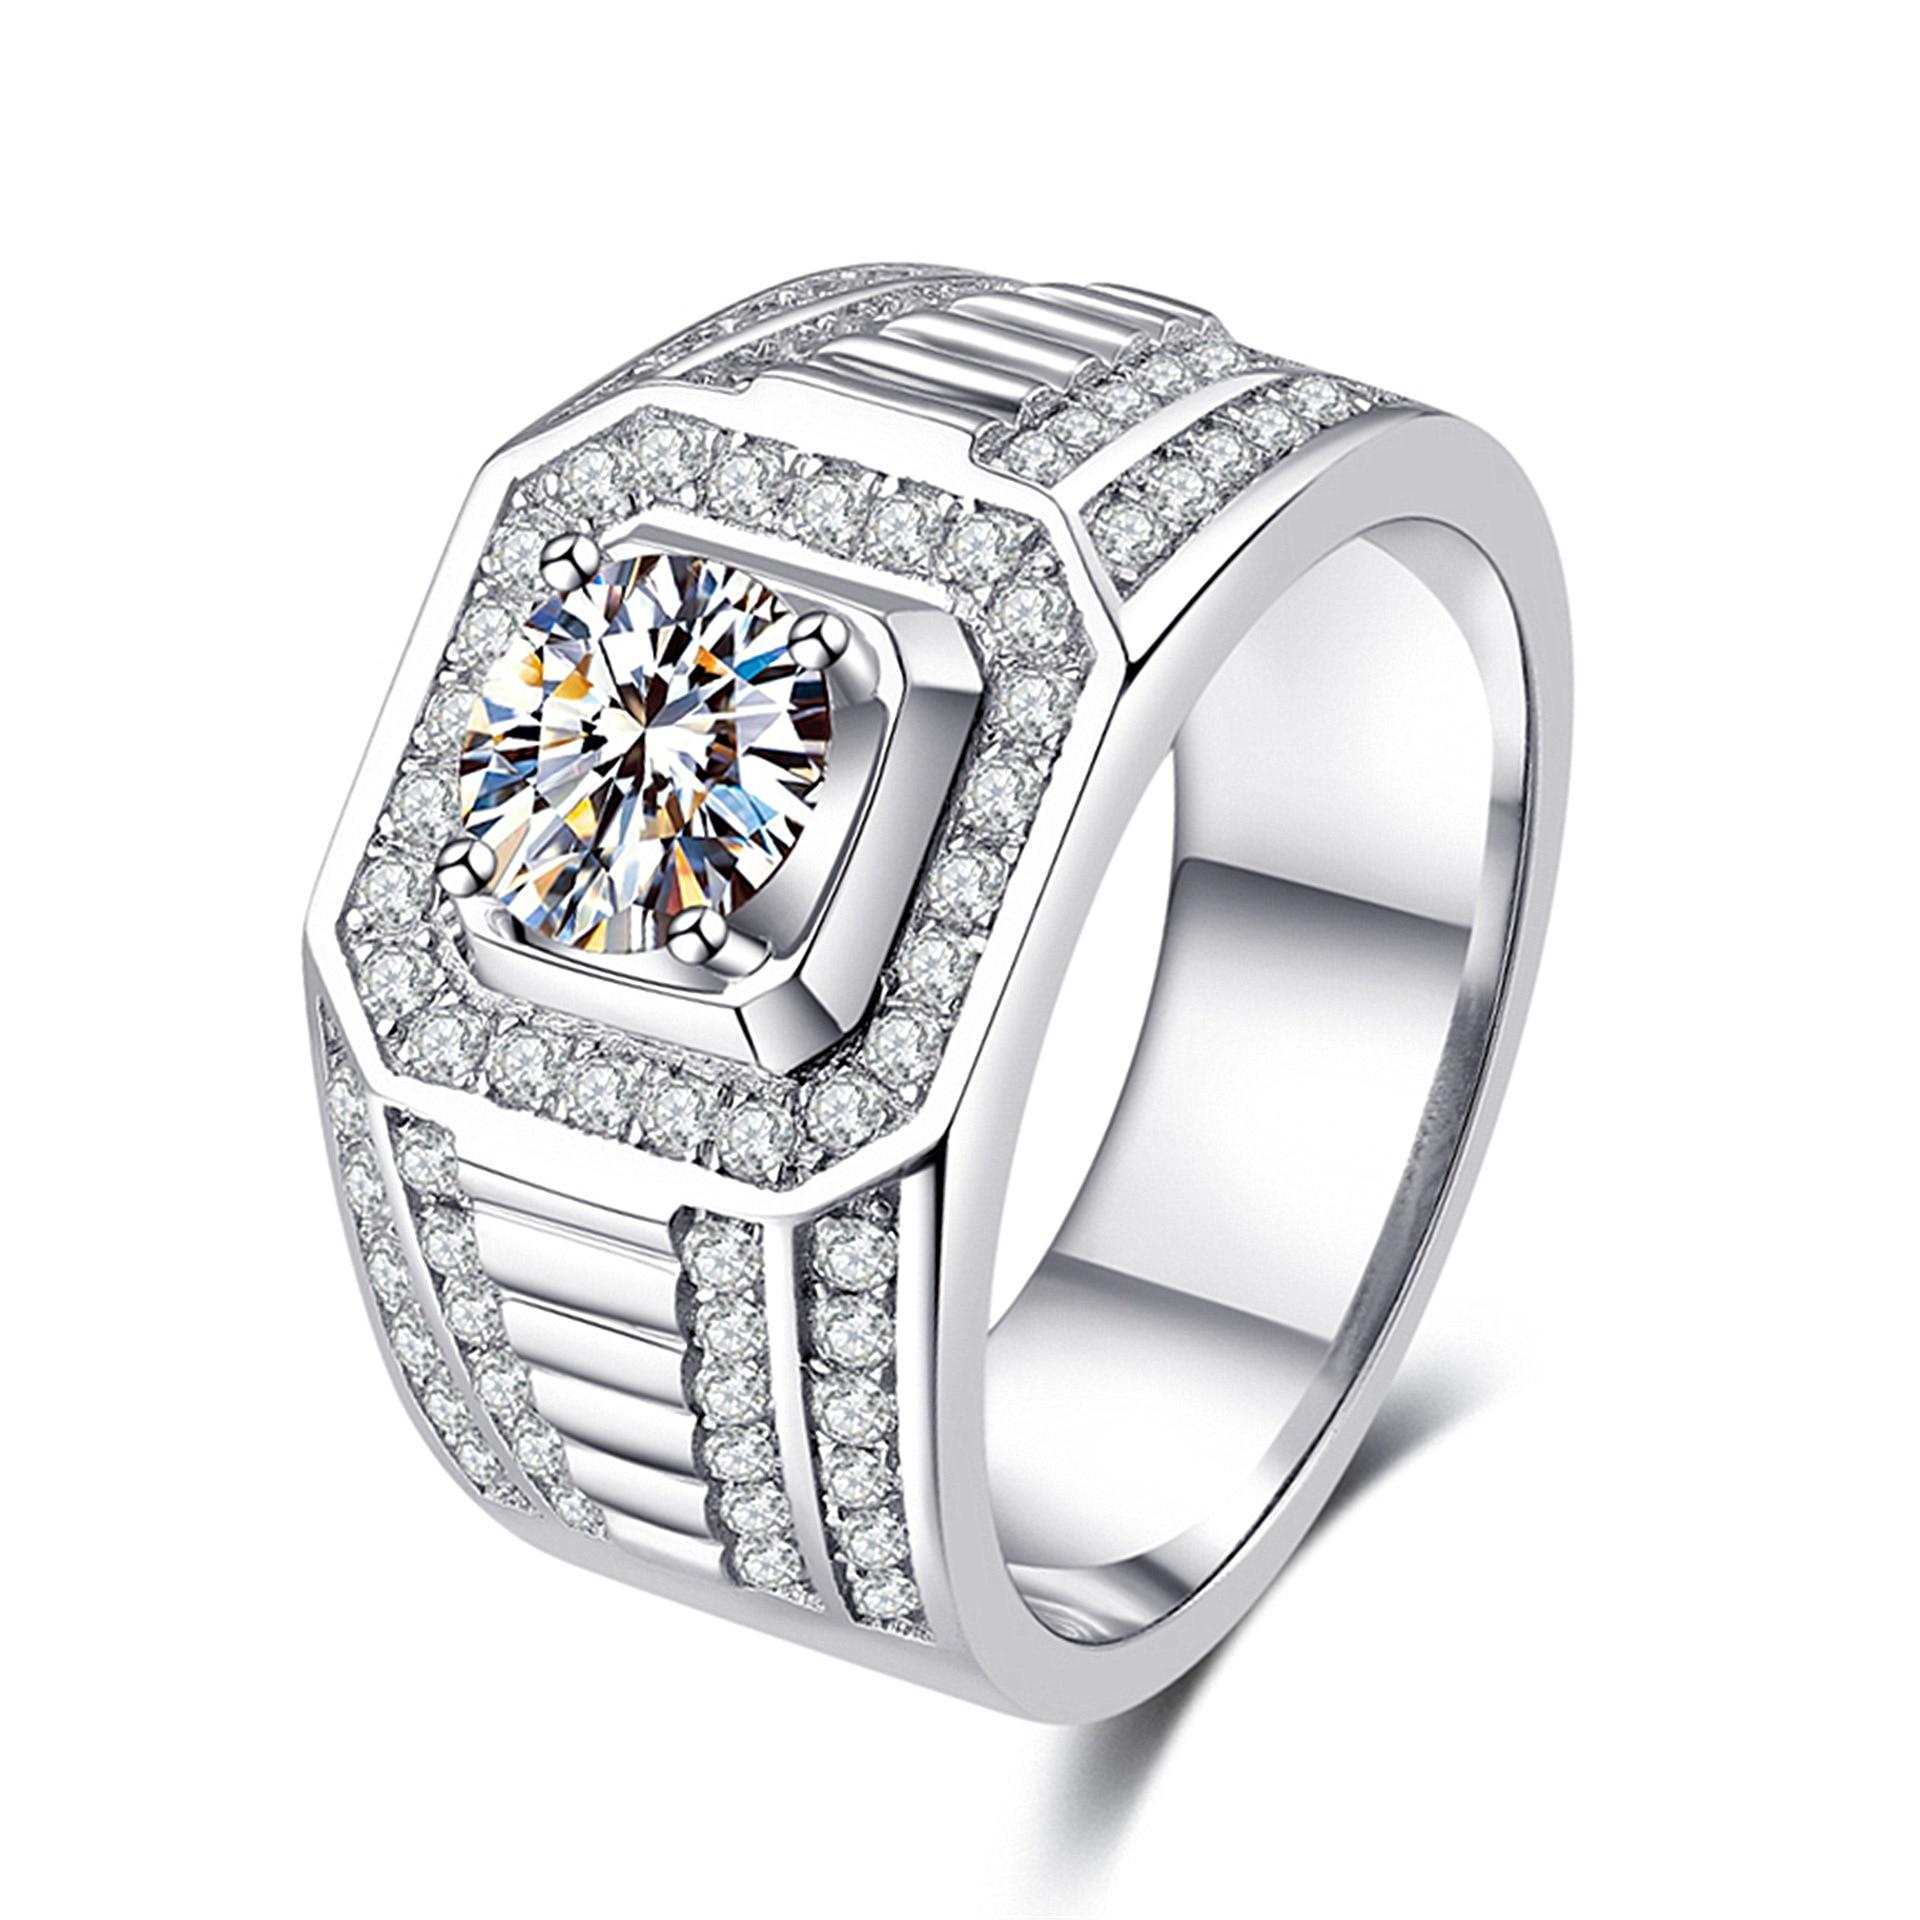 S925 Sterling Silber 2 Karat Diamant Ring für MenBizuteria Edelstein Schmuck Hüfte Bizuteria Silber 925 Schmuck Diamant Ring Anel